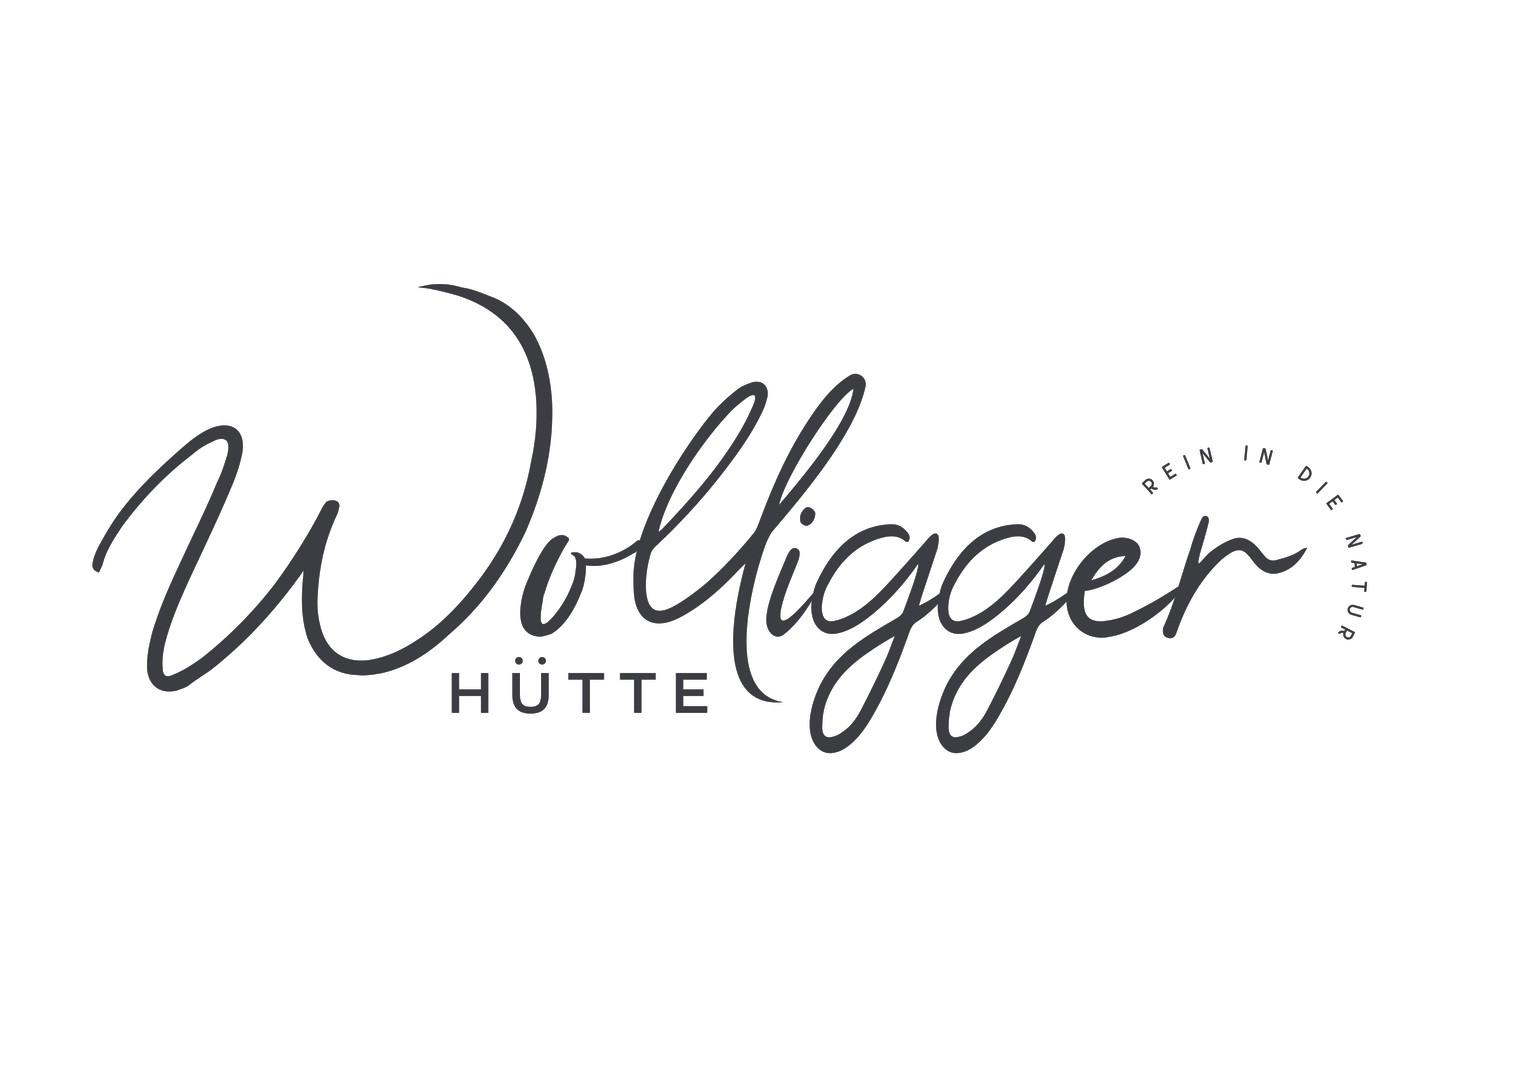 Wolligger Hütte